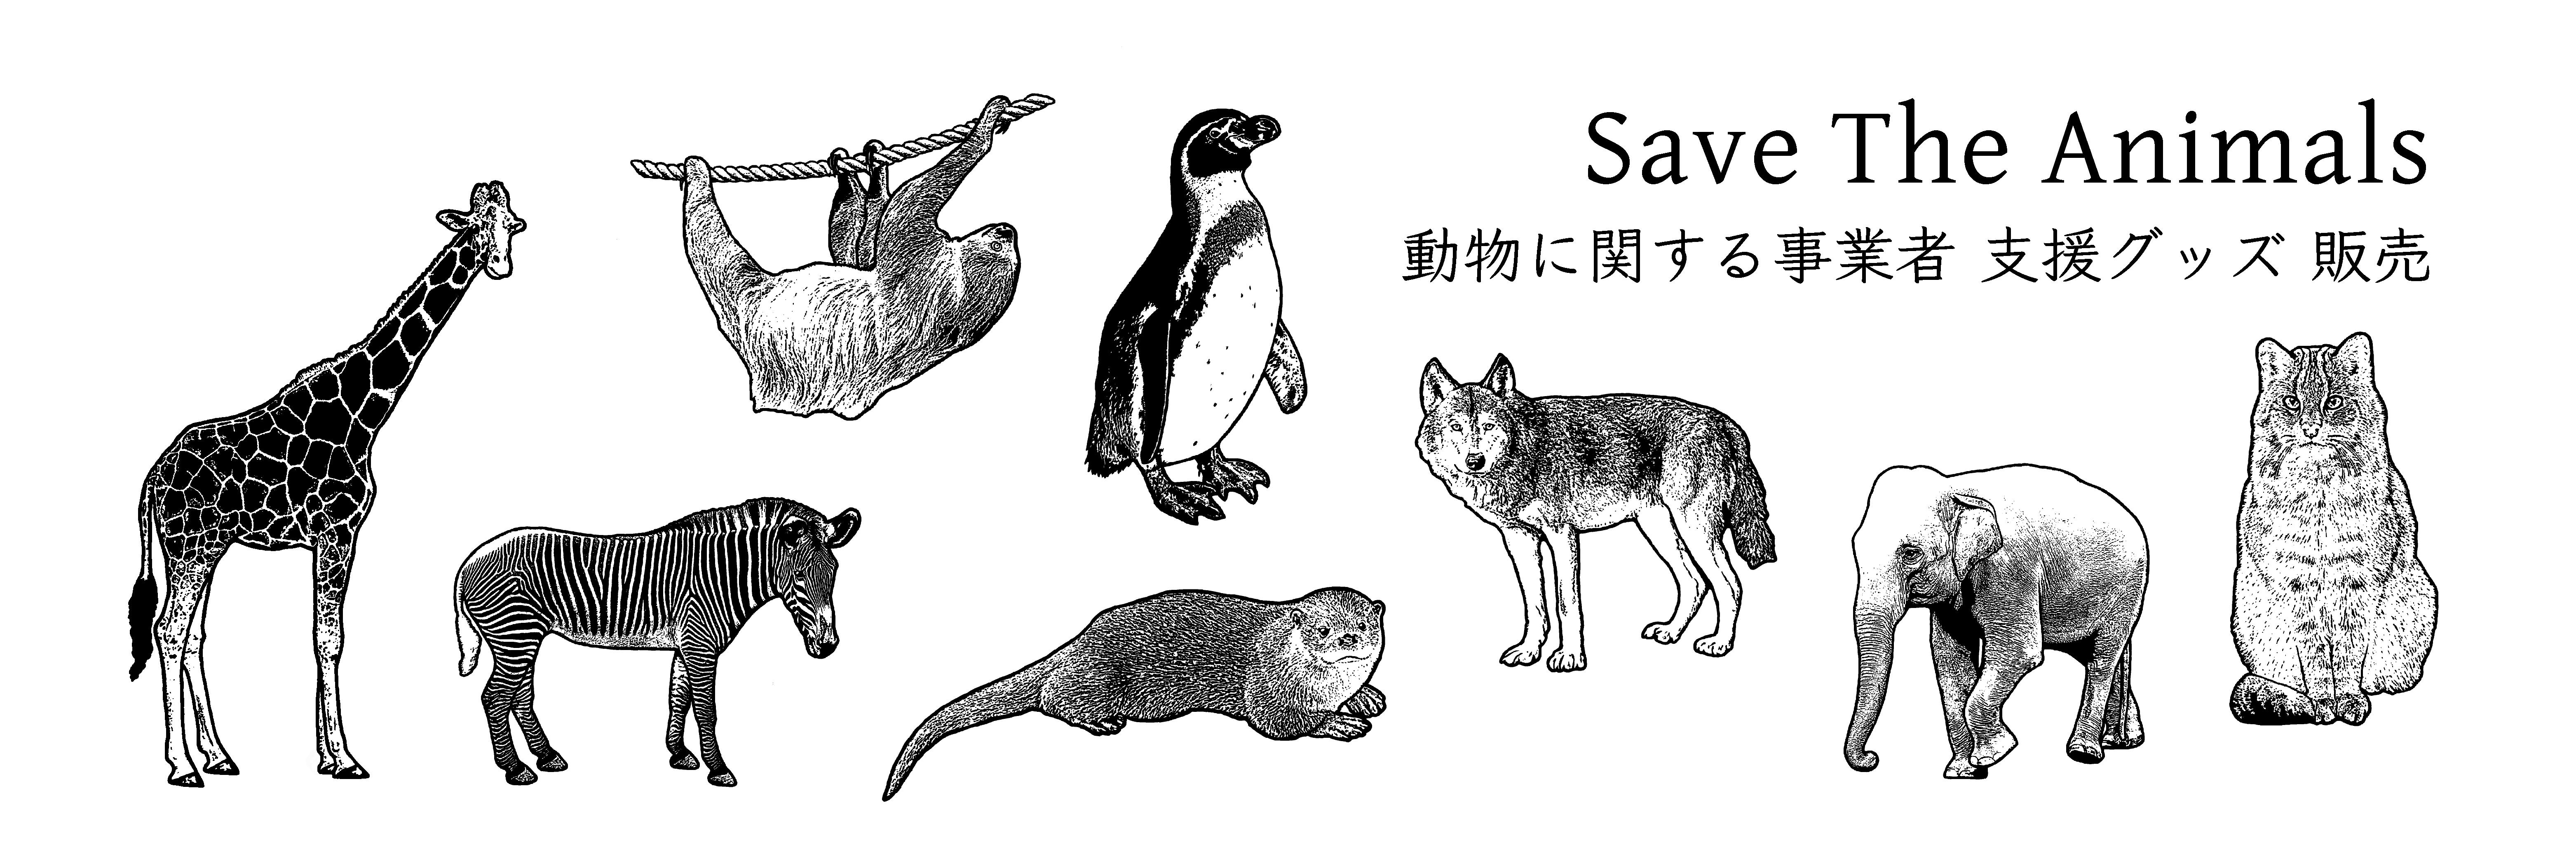 動物に関する事業者様向けの支援(終了)